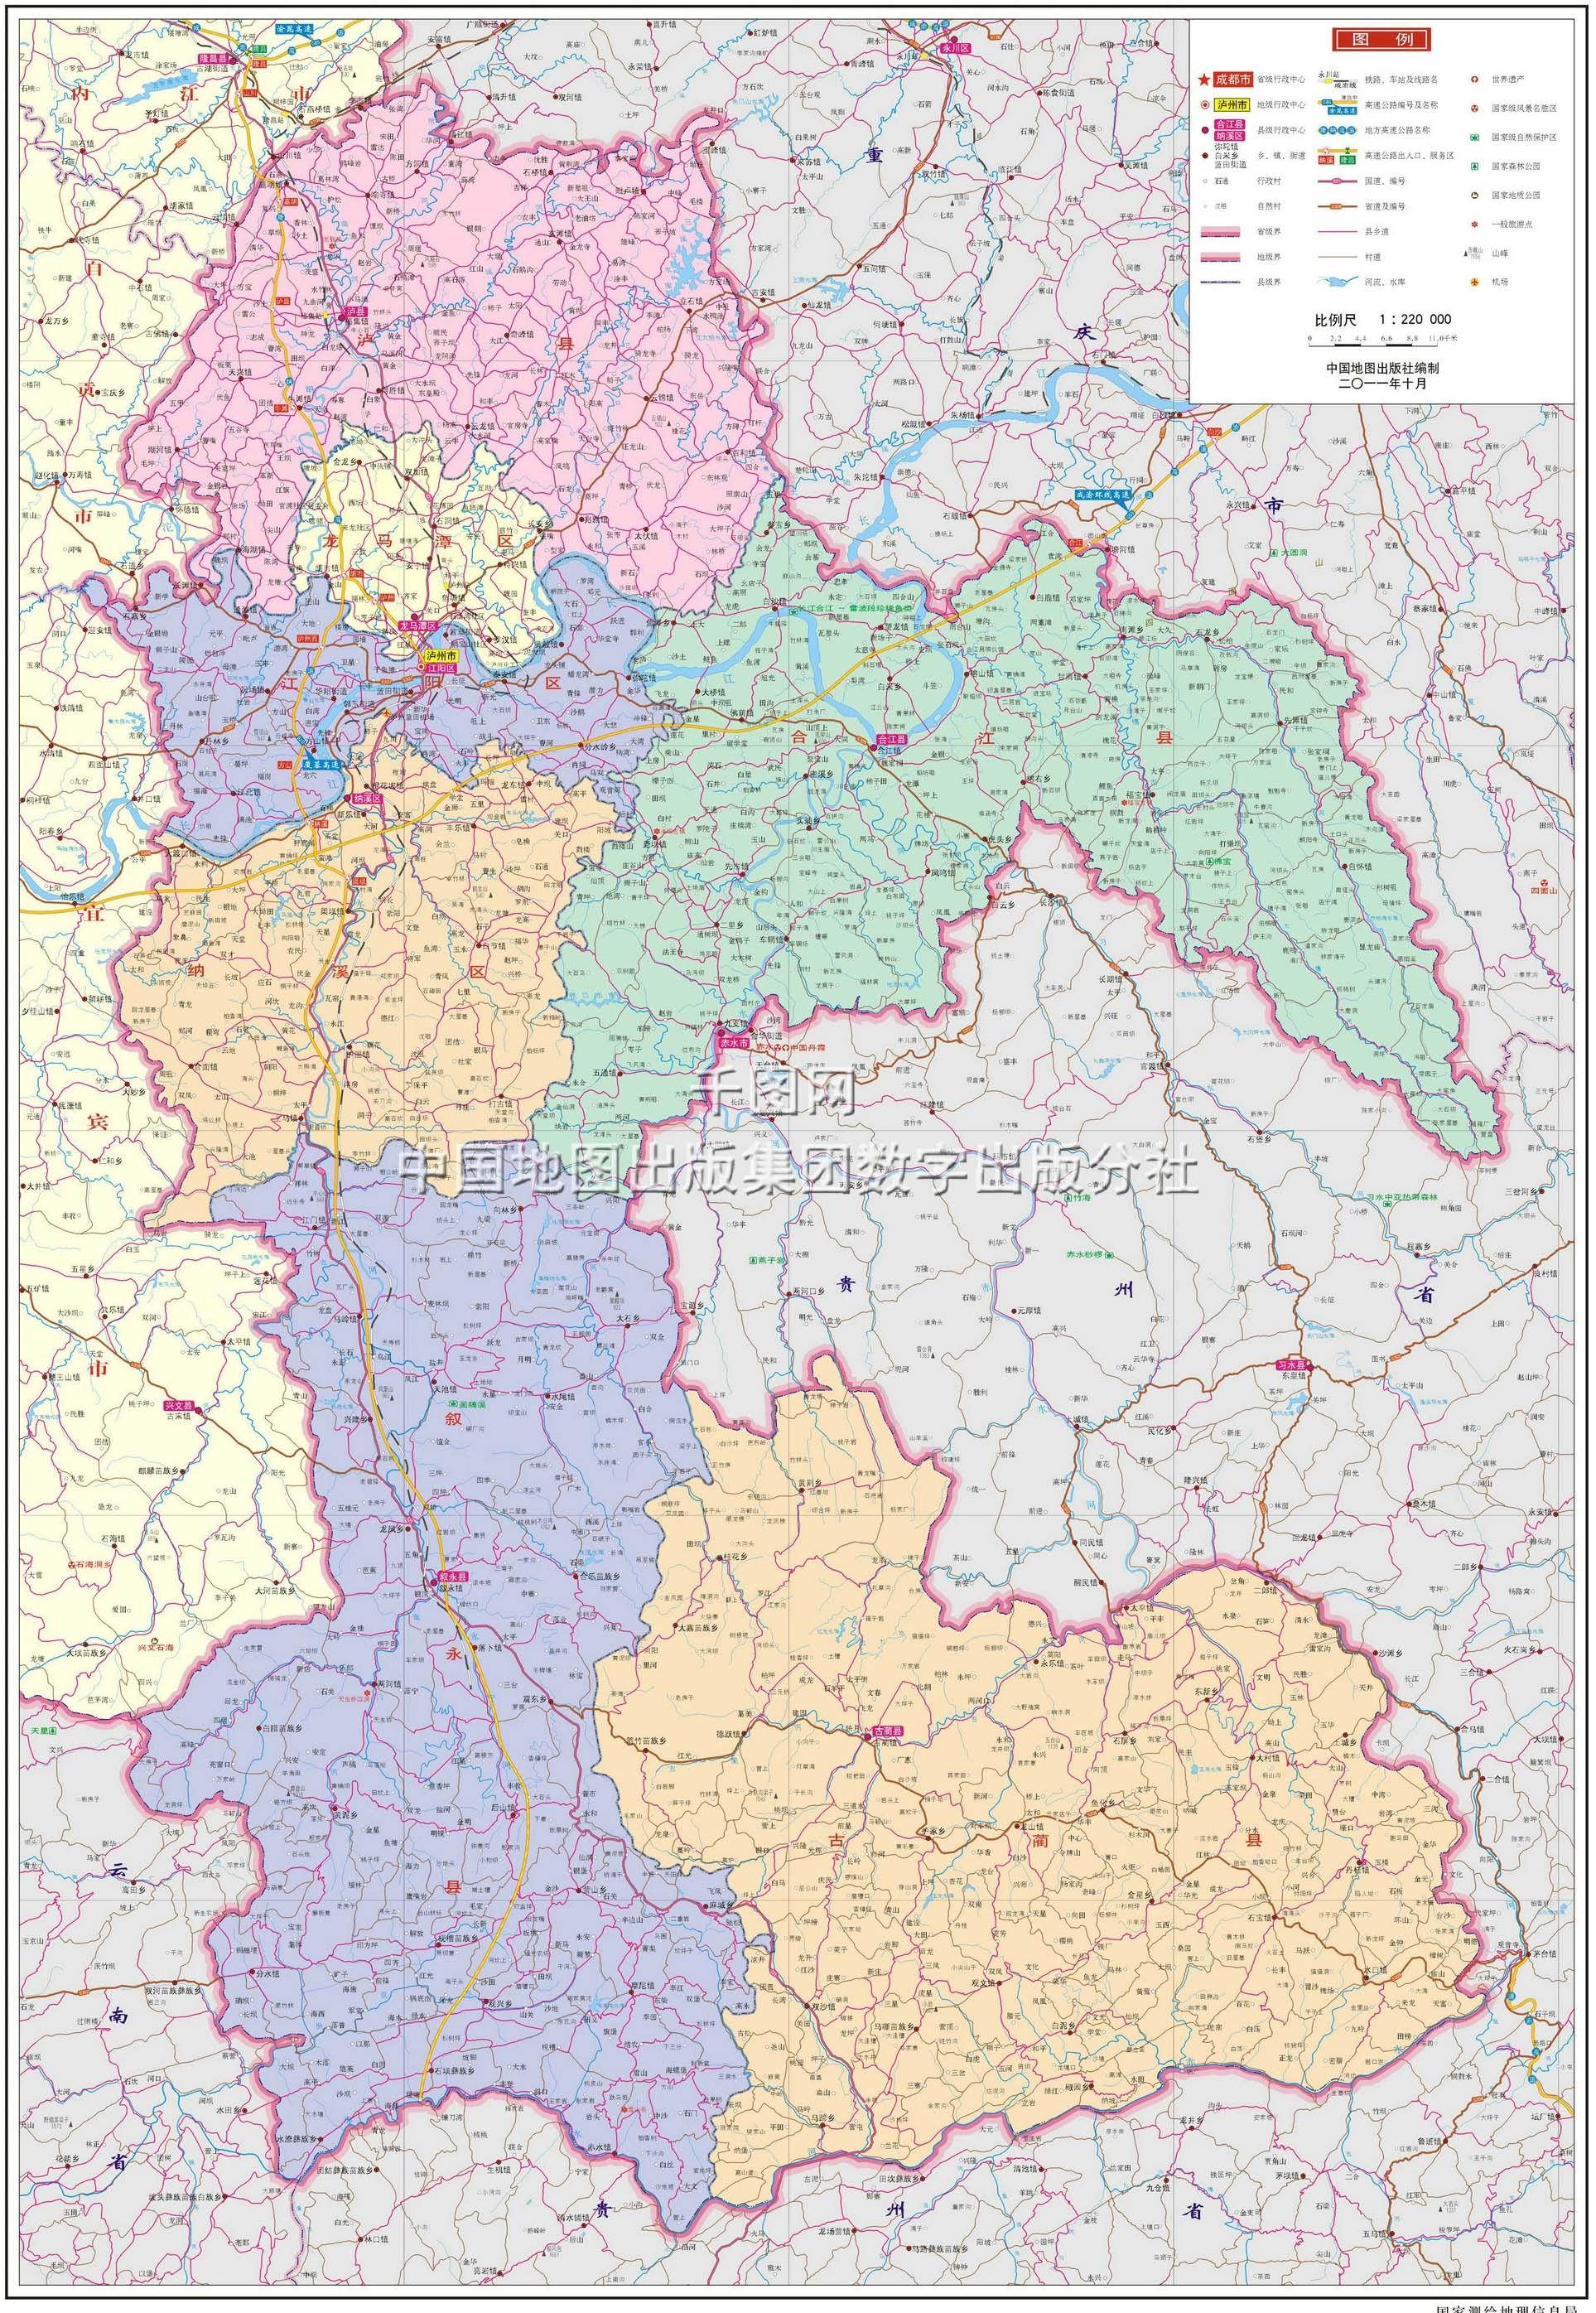 泸州市地图高清版